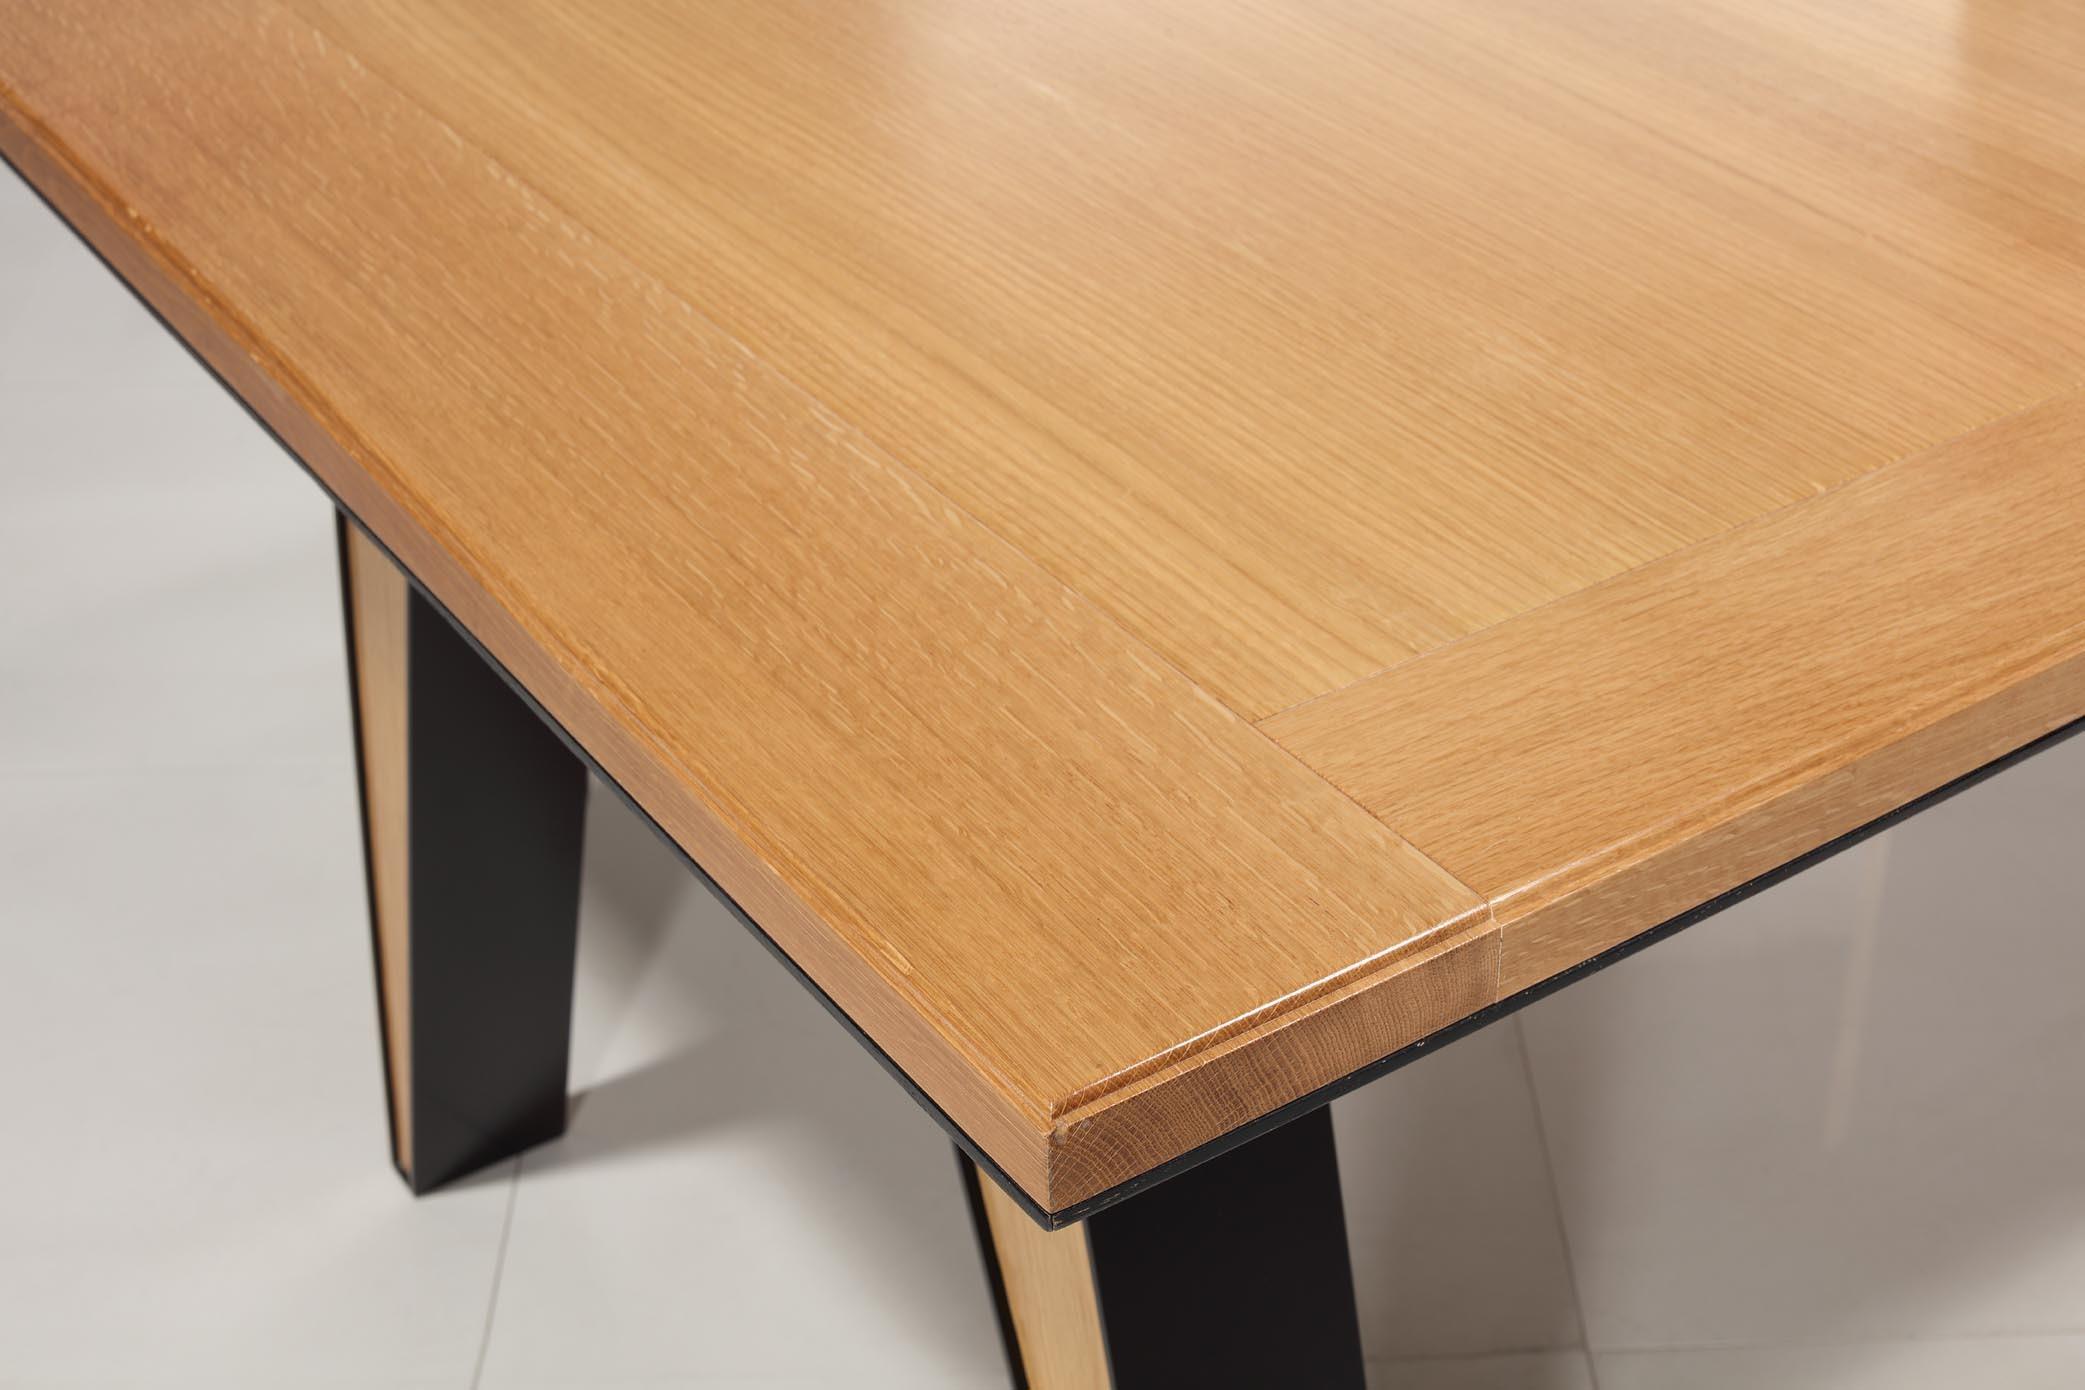 table rectangulaire 180x100 en ch ne massif 1 allonge portefeuille de 90 cm pieds fer et bois. Black Bedroom Furniture Sets. Home Design Ideas